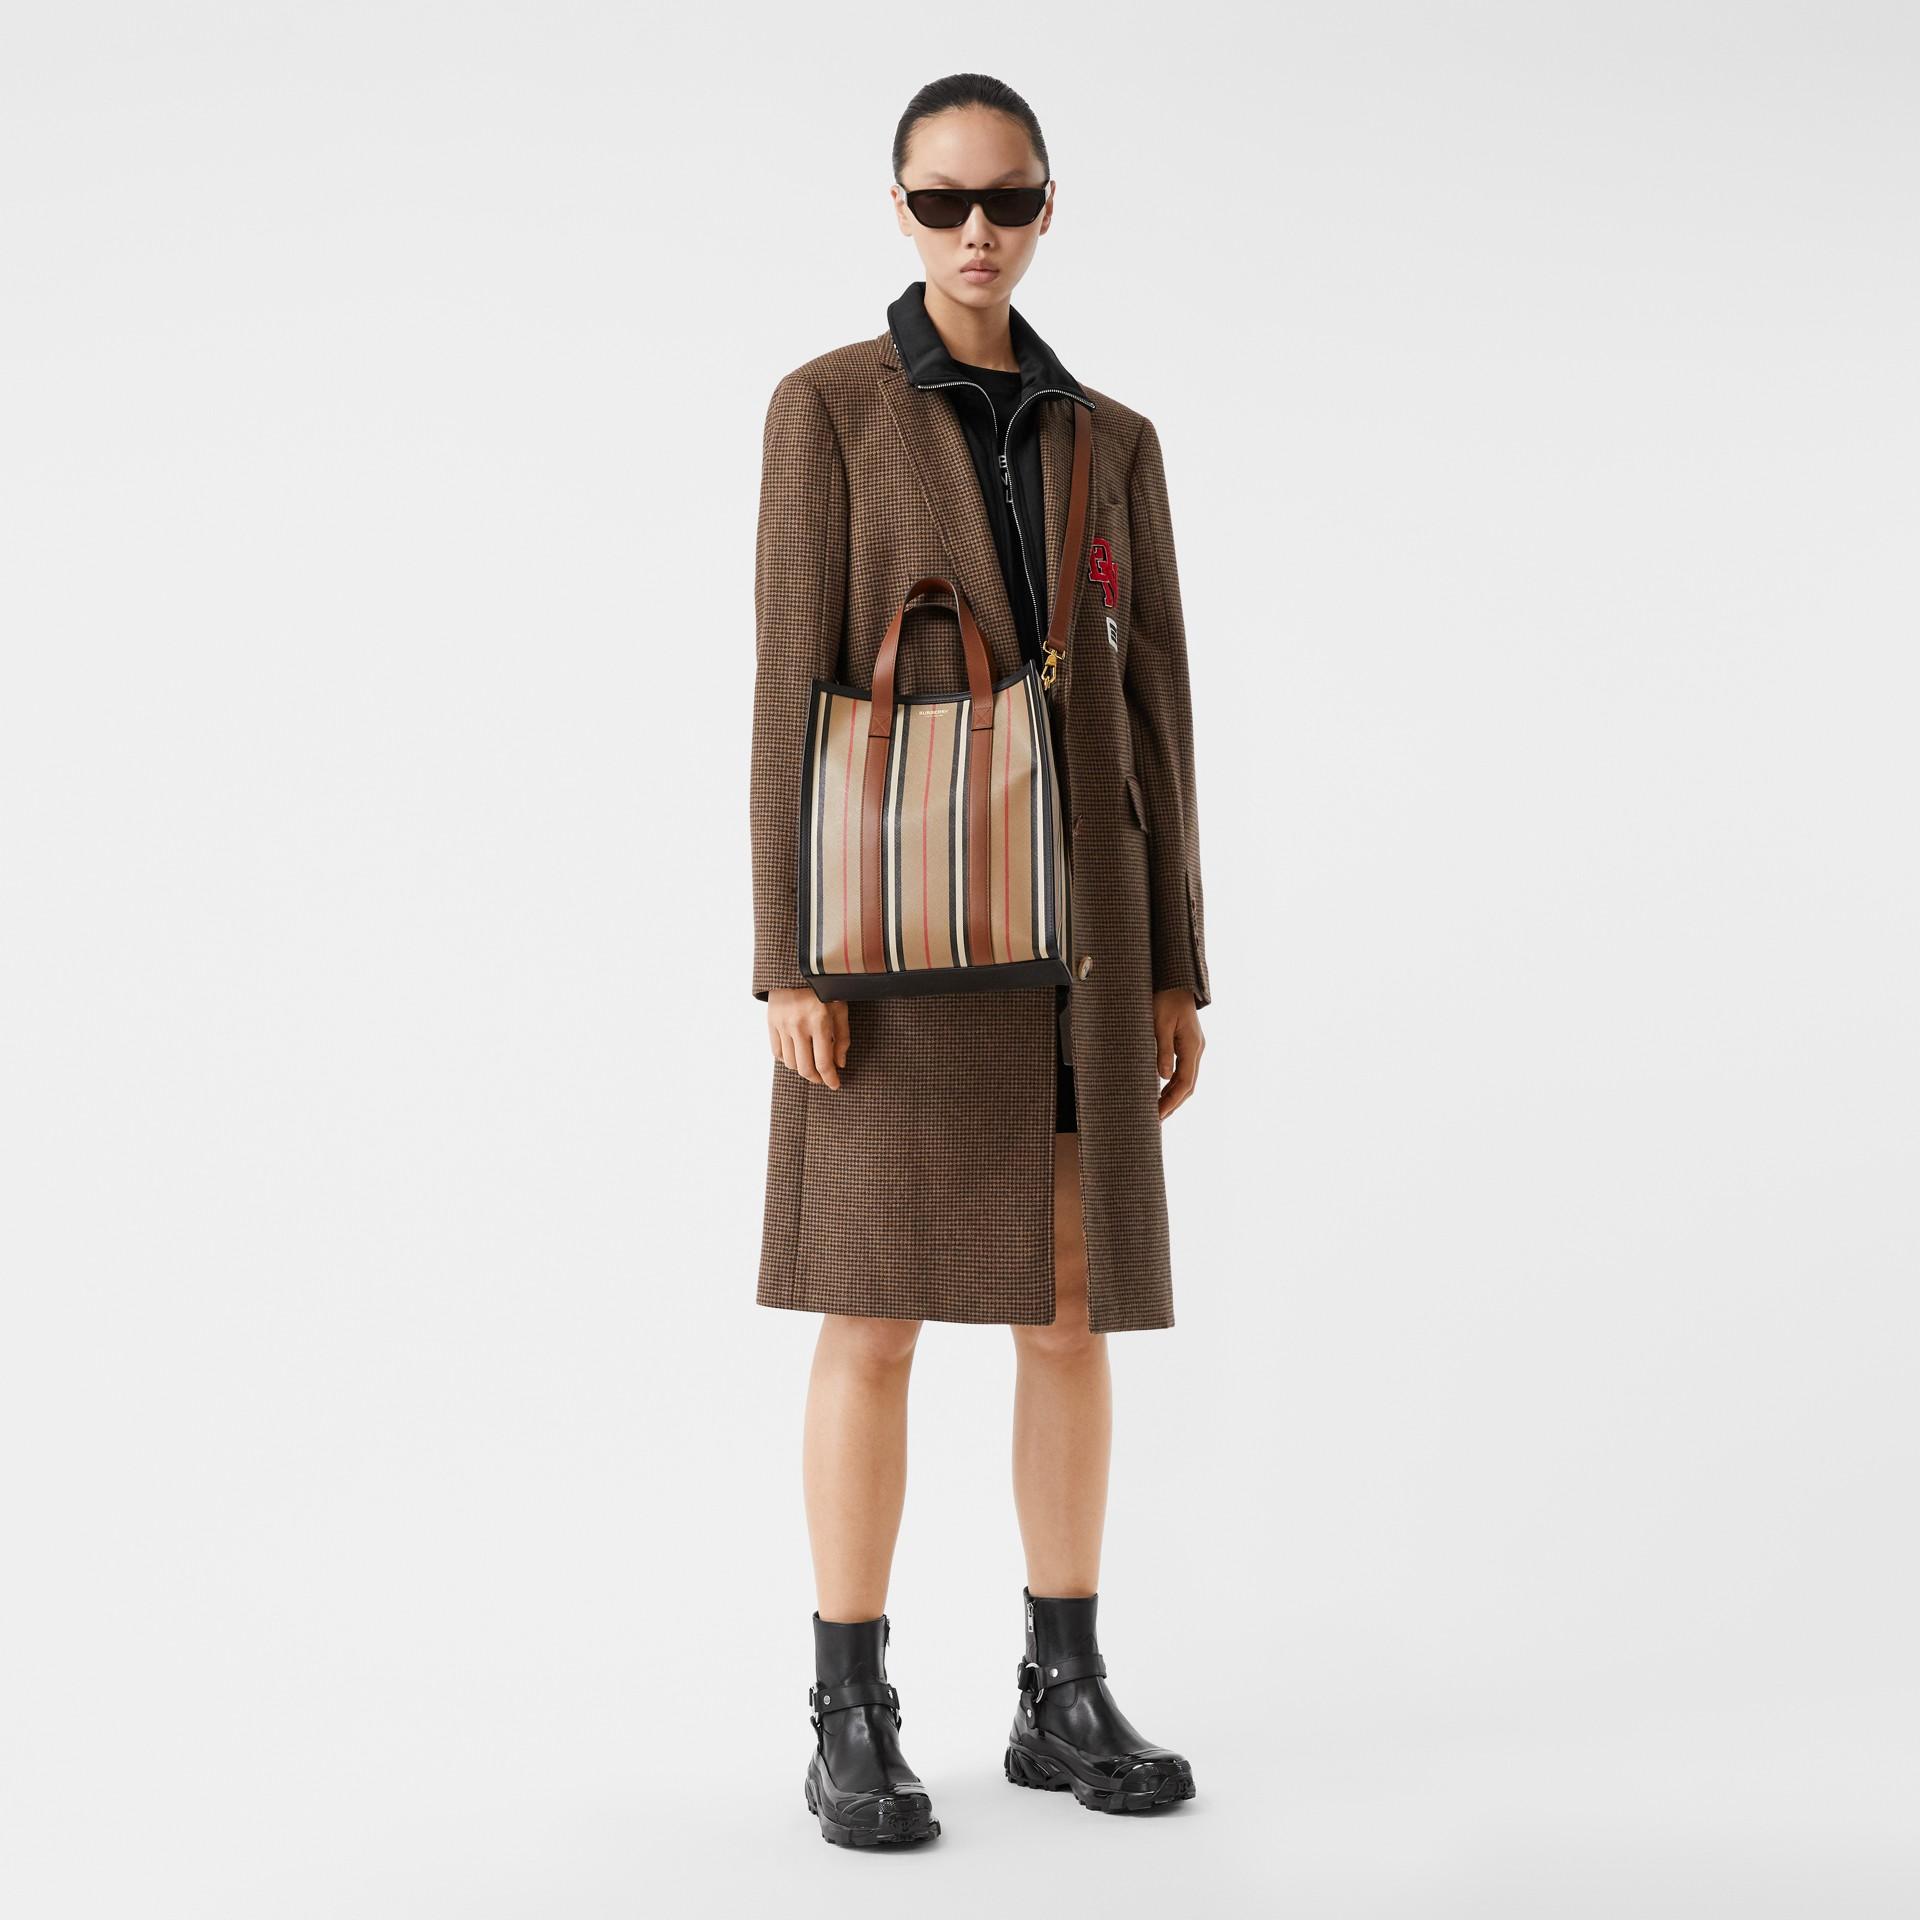 小型標誌性條紋環保帆布直式托特包 (典藏米色) - 女款 | Burberry - 圖庫照片 11